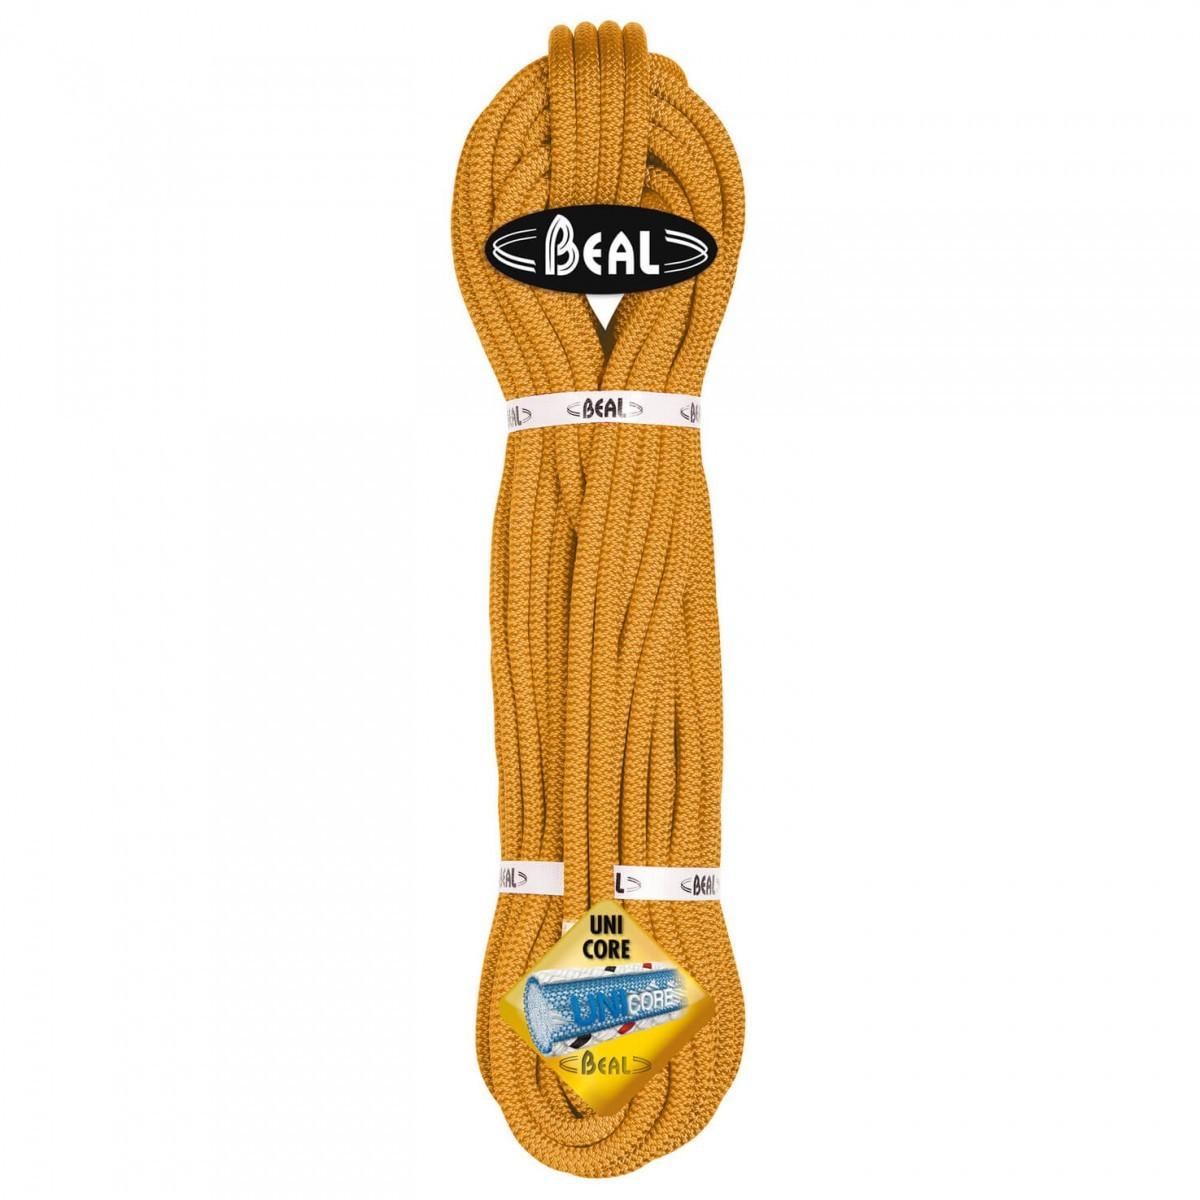 BEAL ウォールマスター Wallmaster(30m - Orange)★ロープ・ザイル・登山・クライミング★